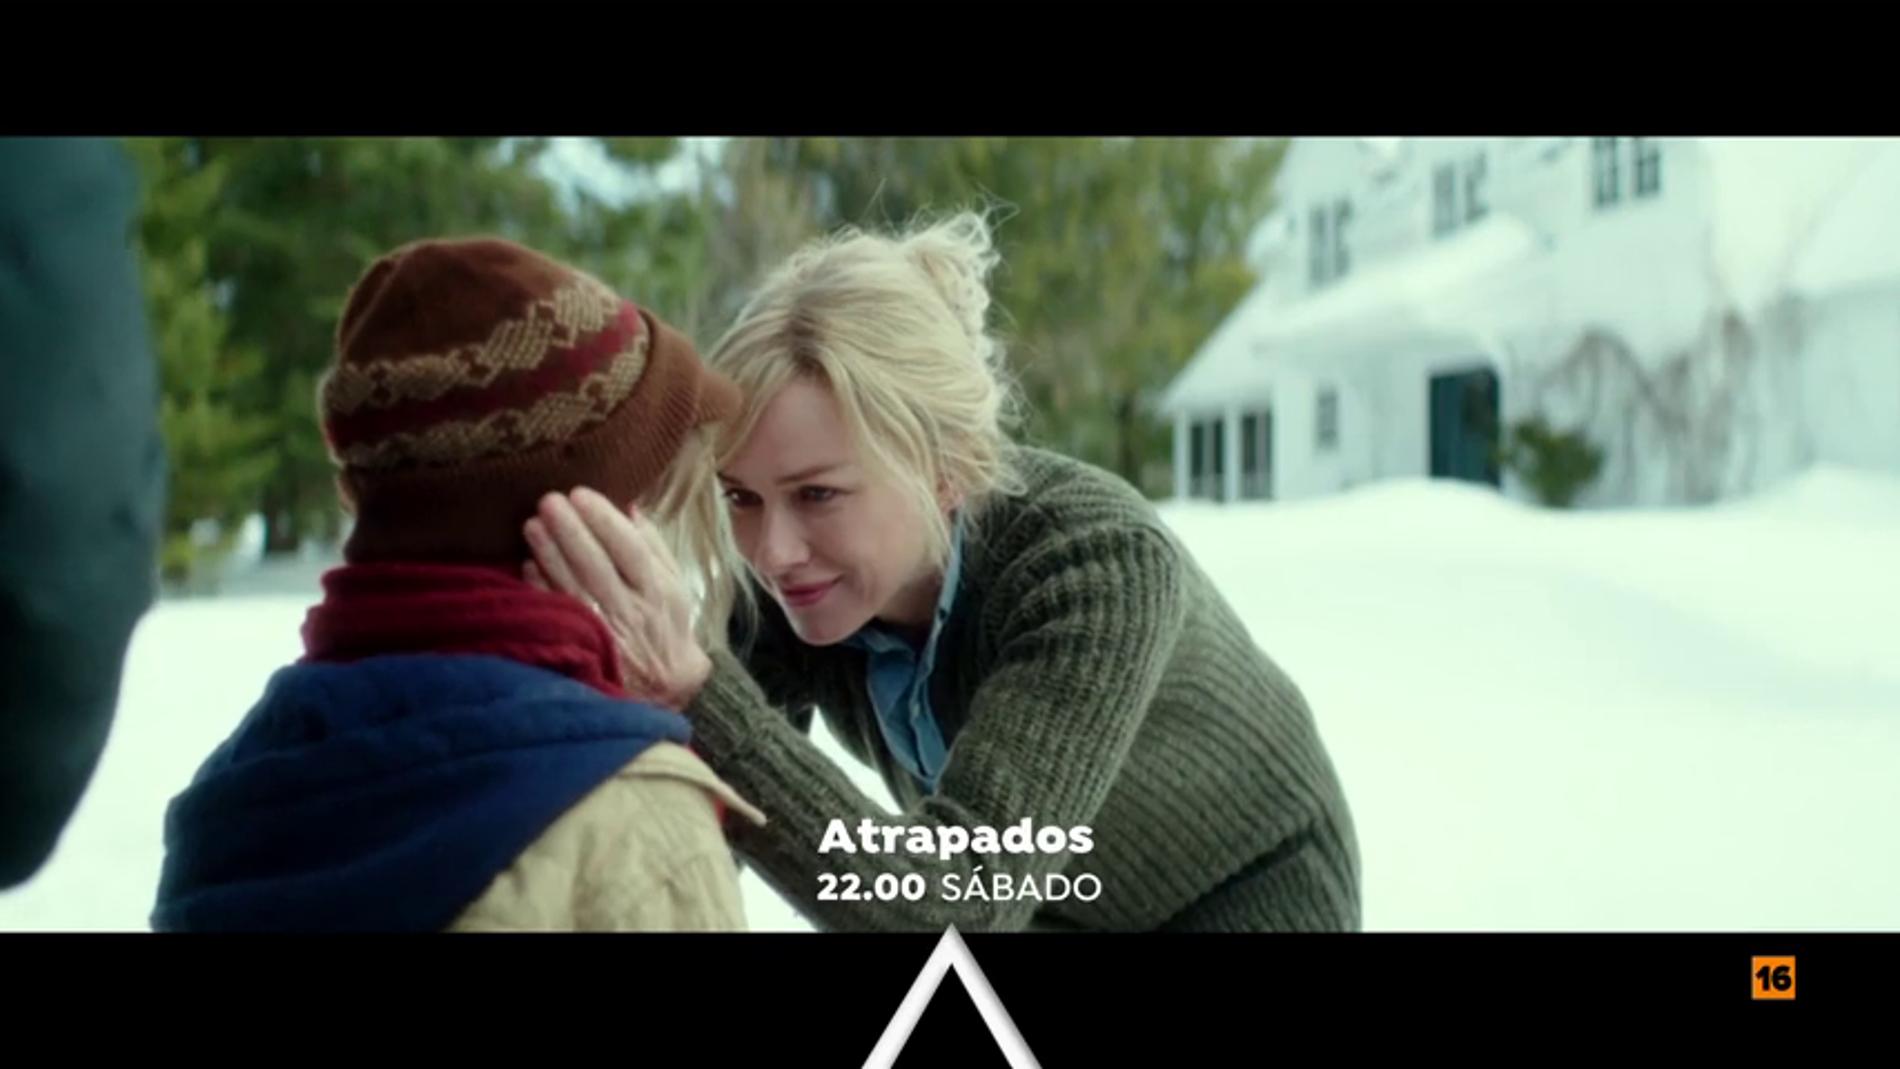 El Peliculón estrena 'Atrapados' con Naomi Watts